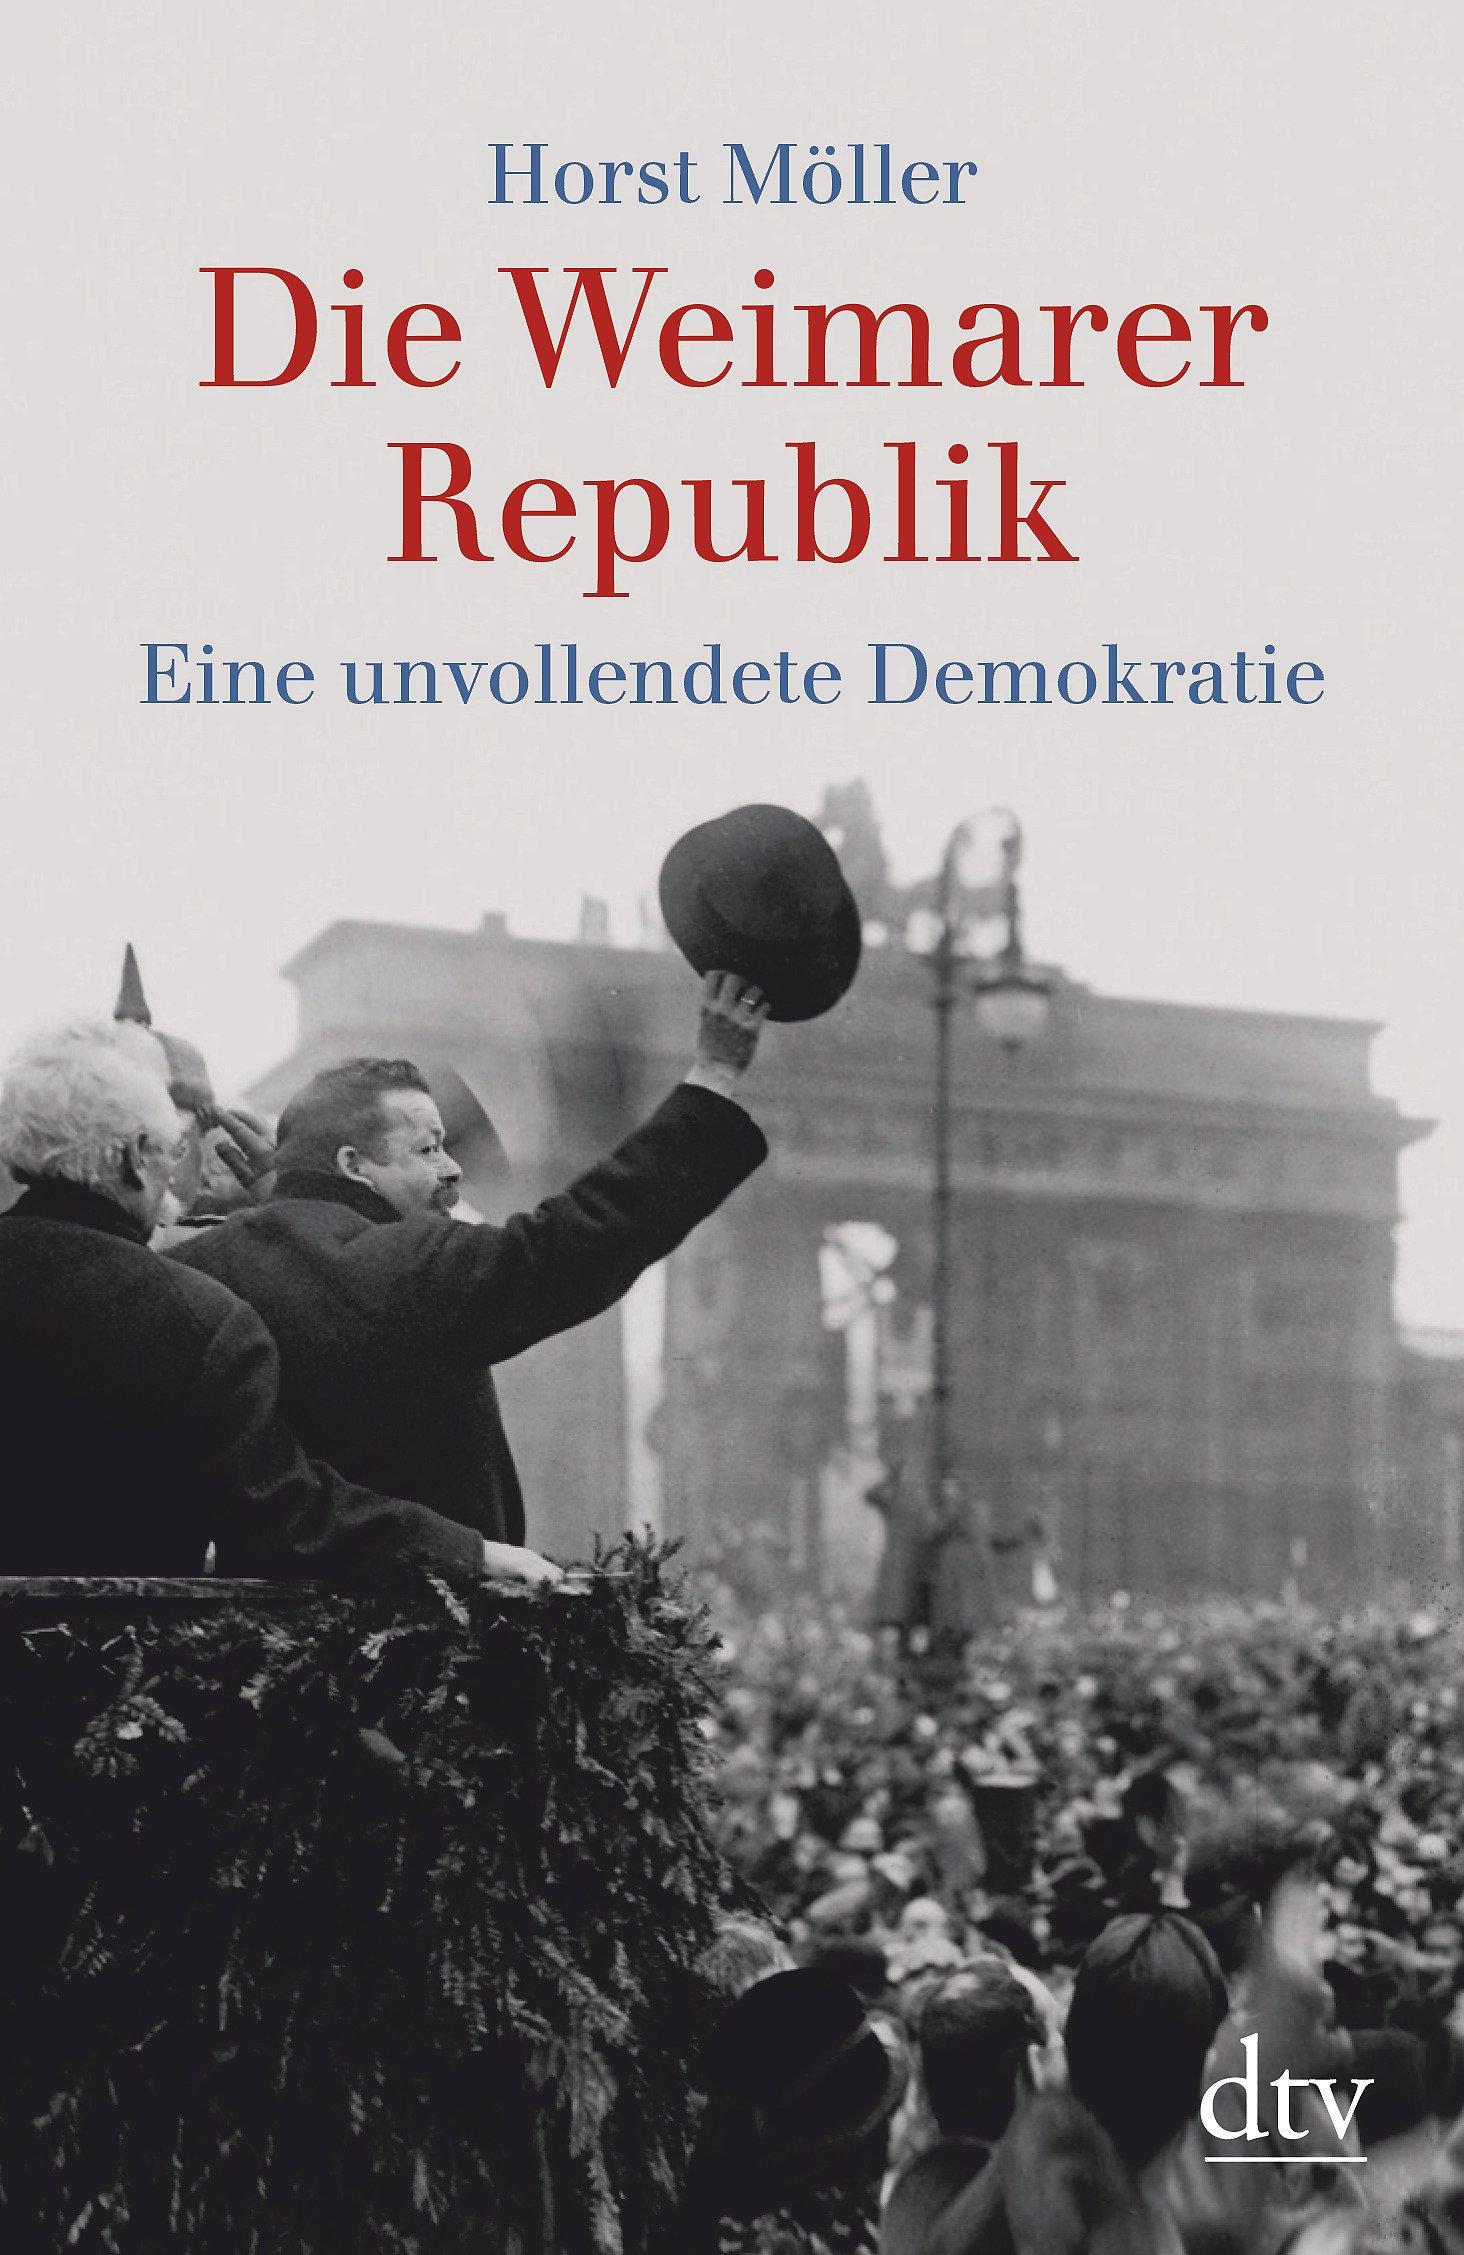 Die Weimarer Republik: Eine unvollendete Demokratie